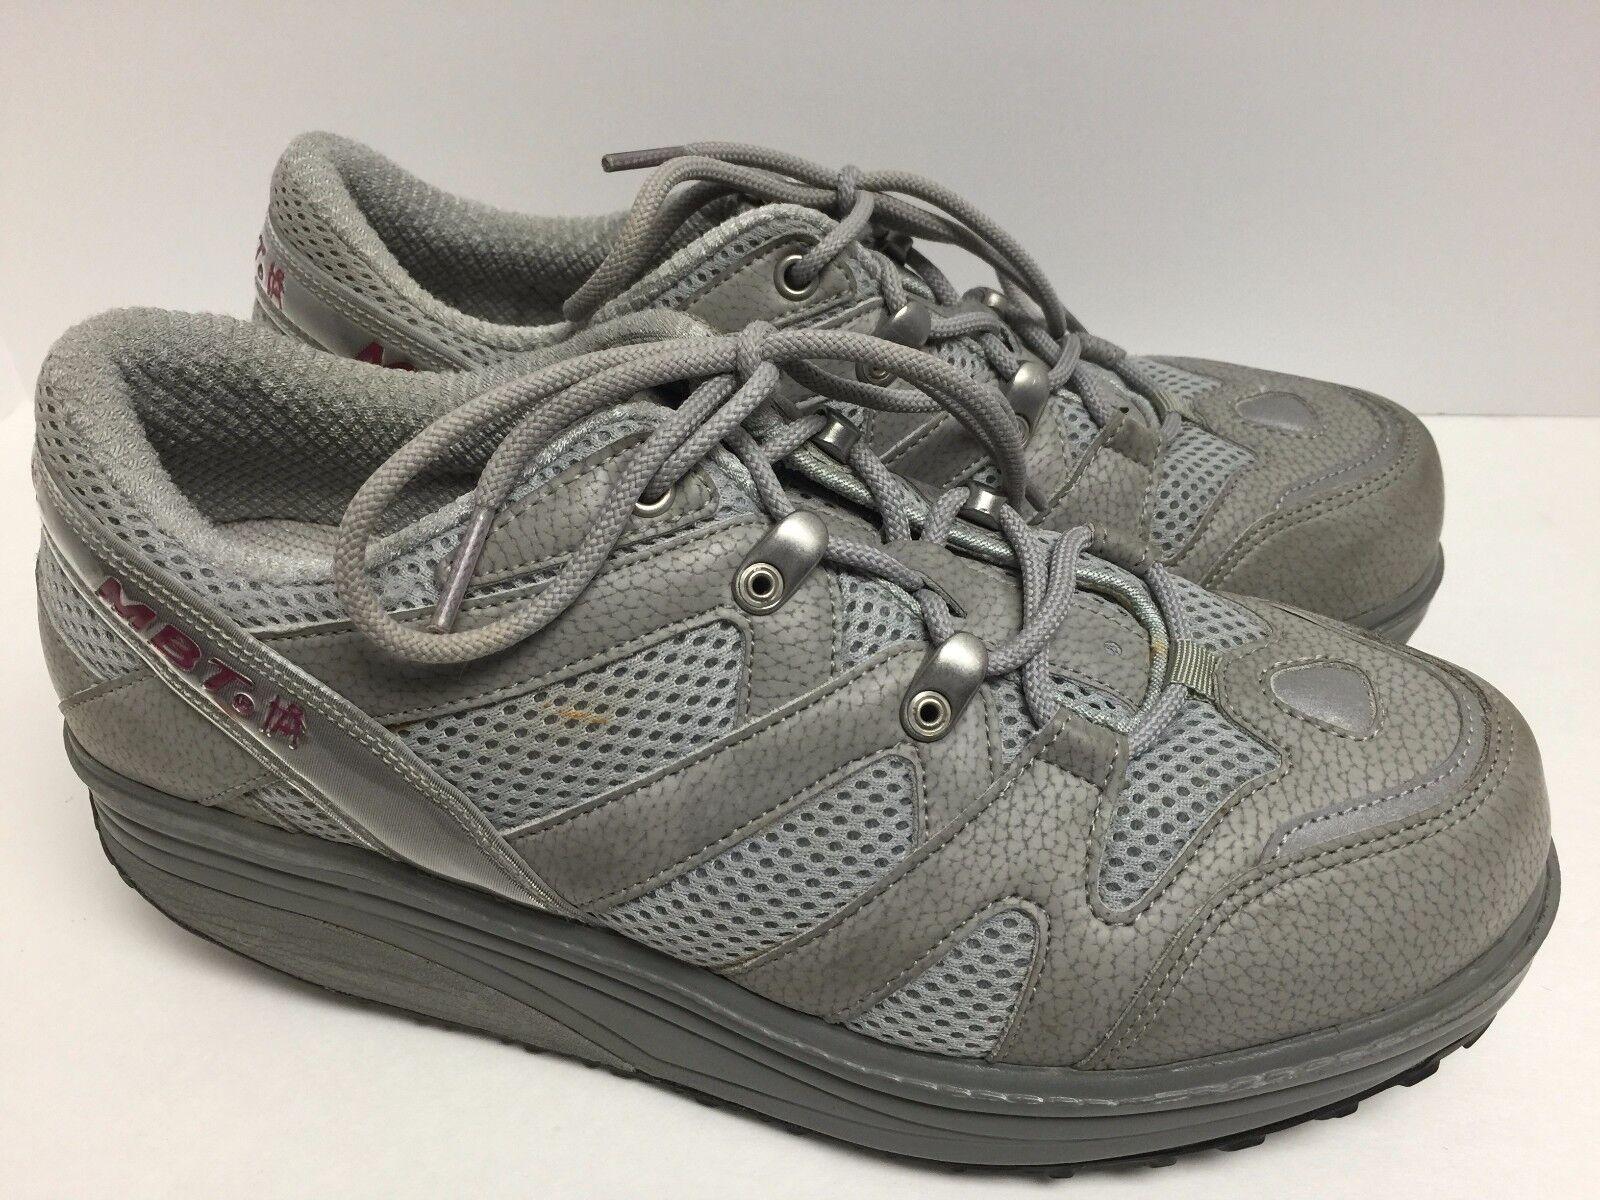 MBT gris De De De Deporte Zapatos para Caminar 9.5 M Swiss orthodic postura Tonificación Suela de eje de balancín  Tienda 2018